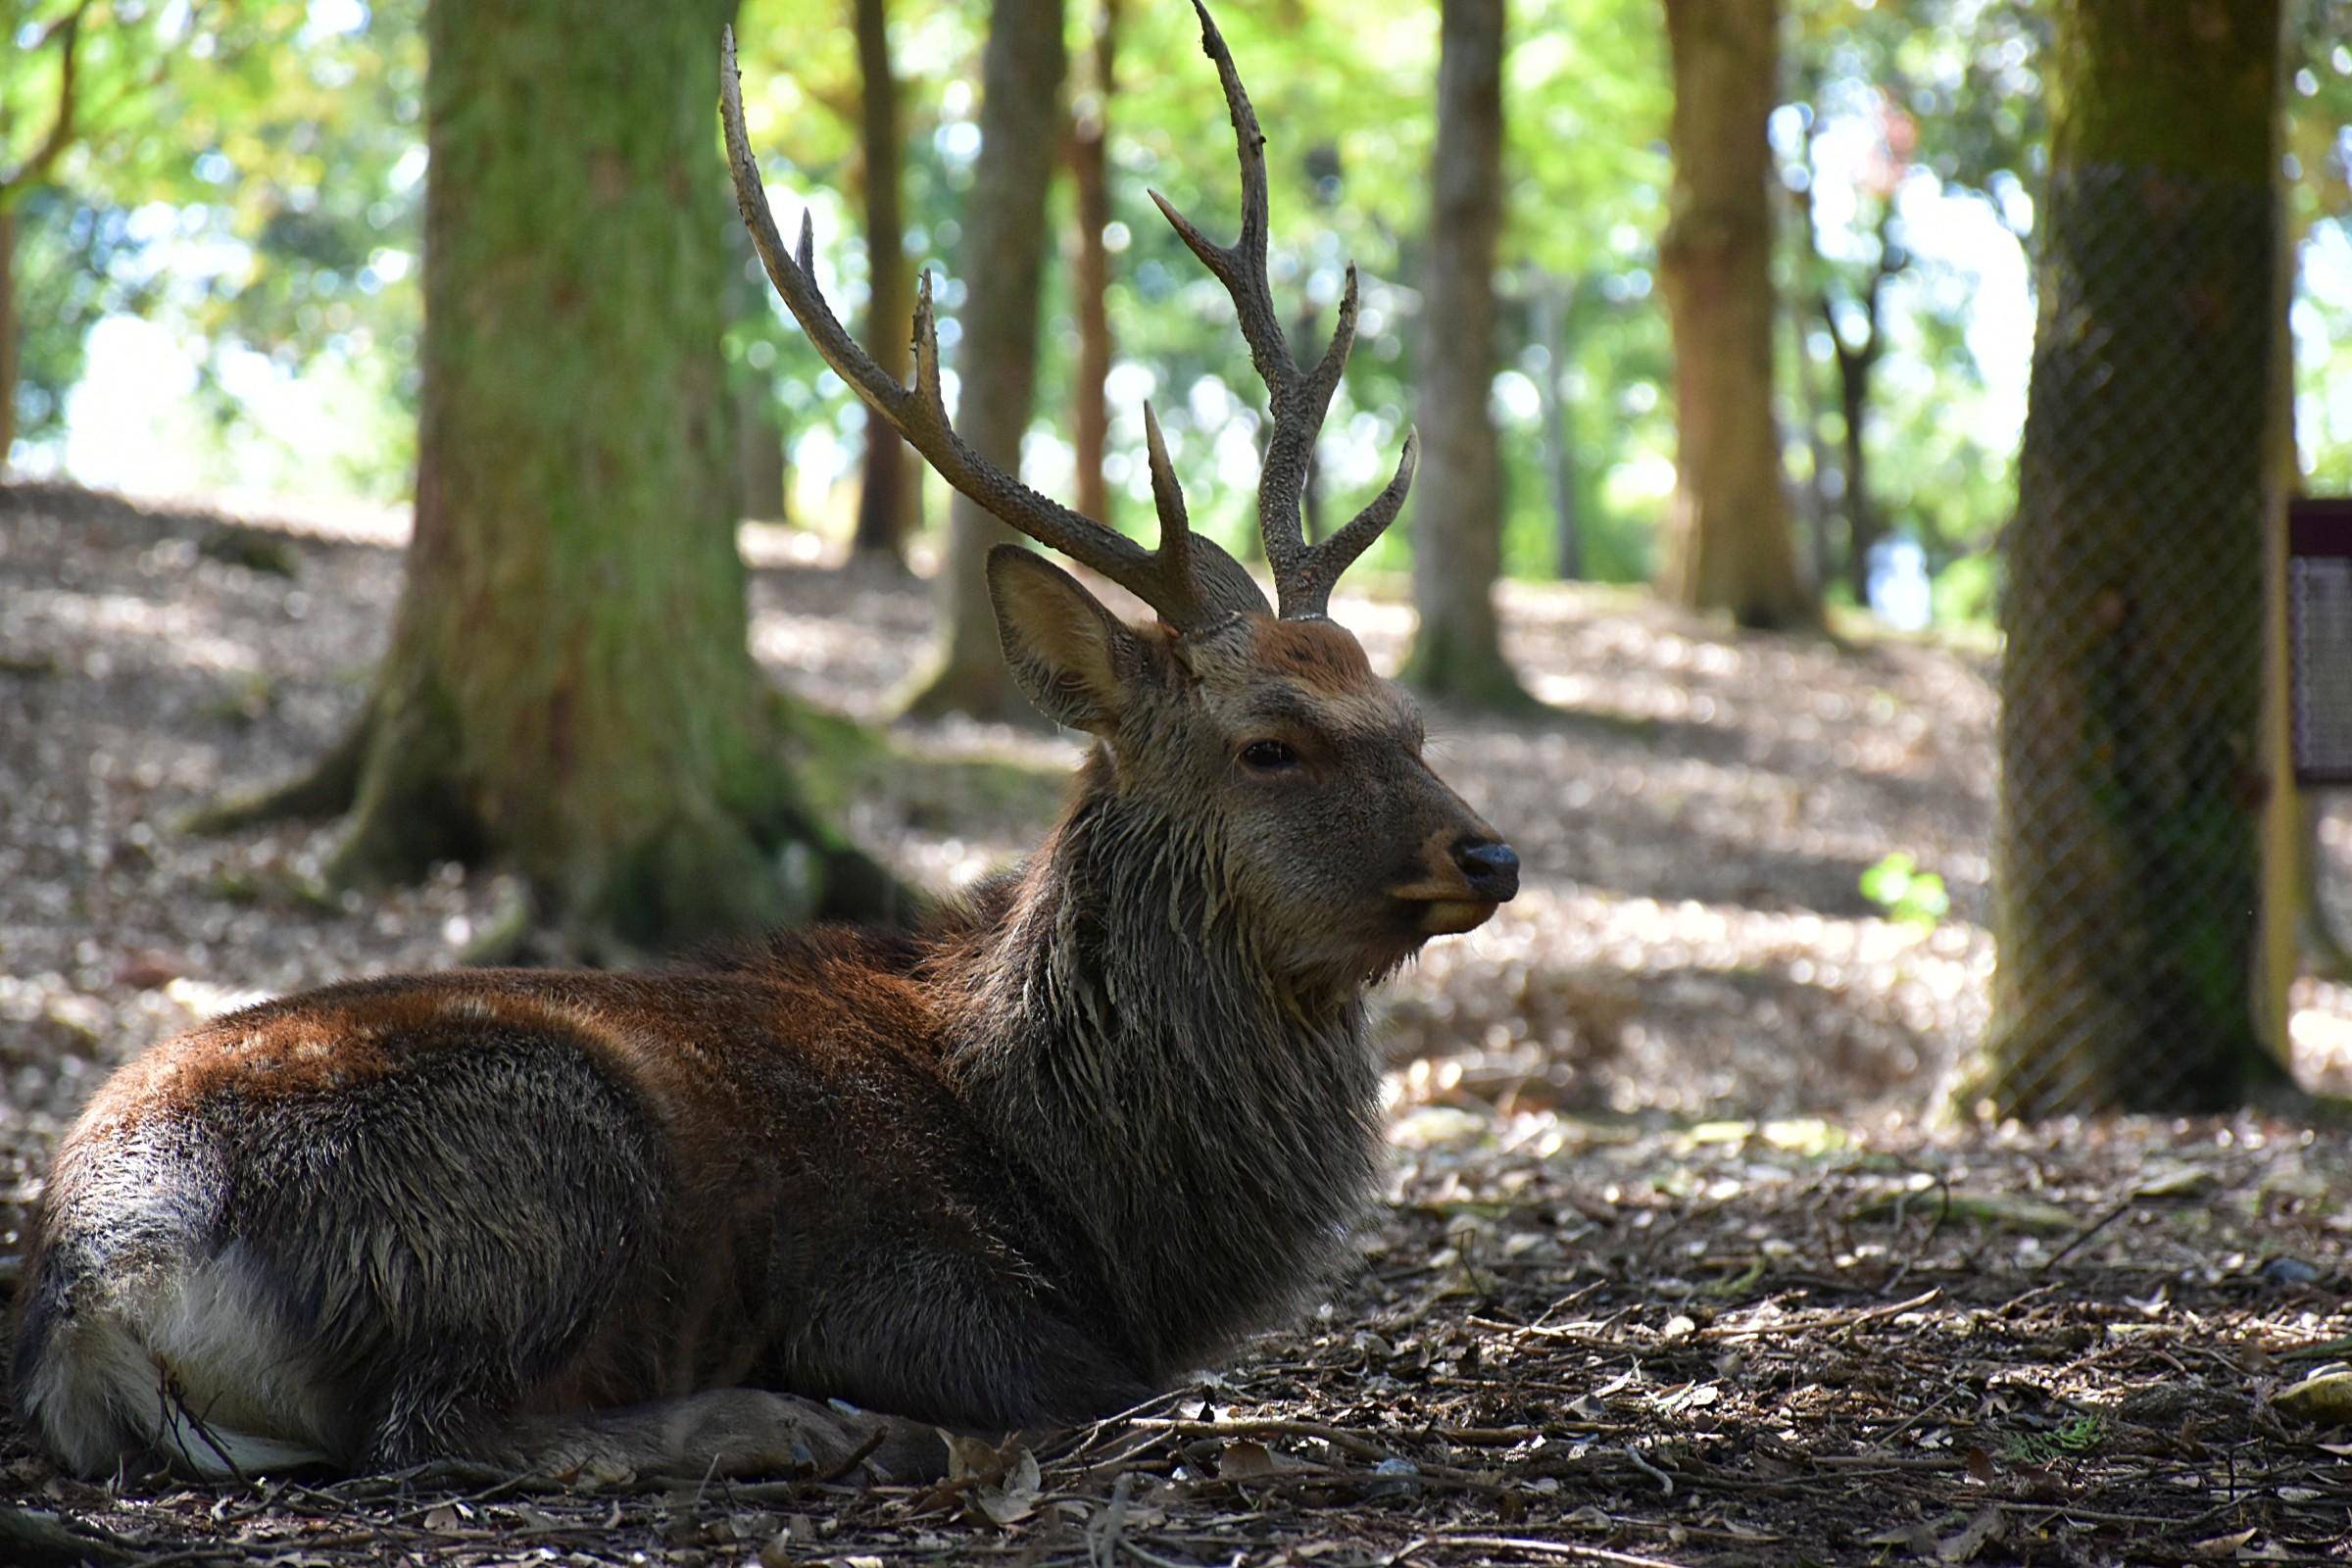 A deer relaxing in Nara Park